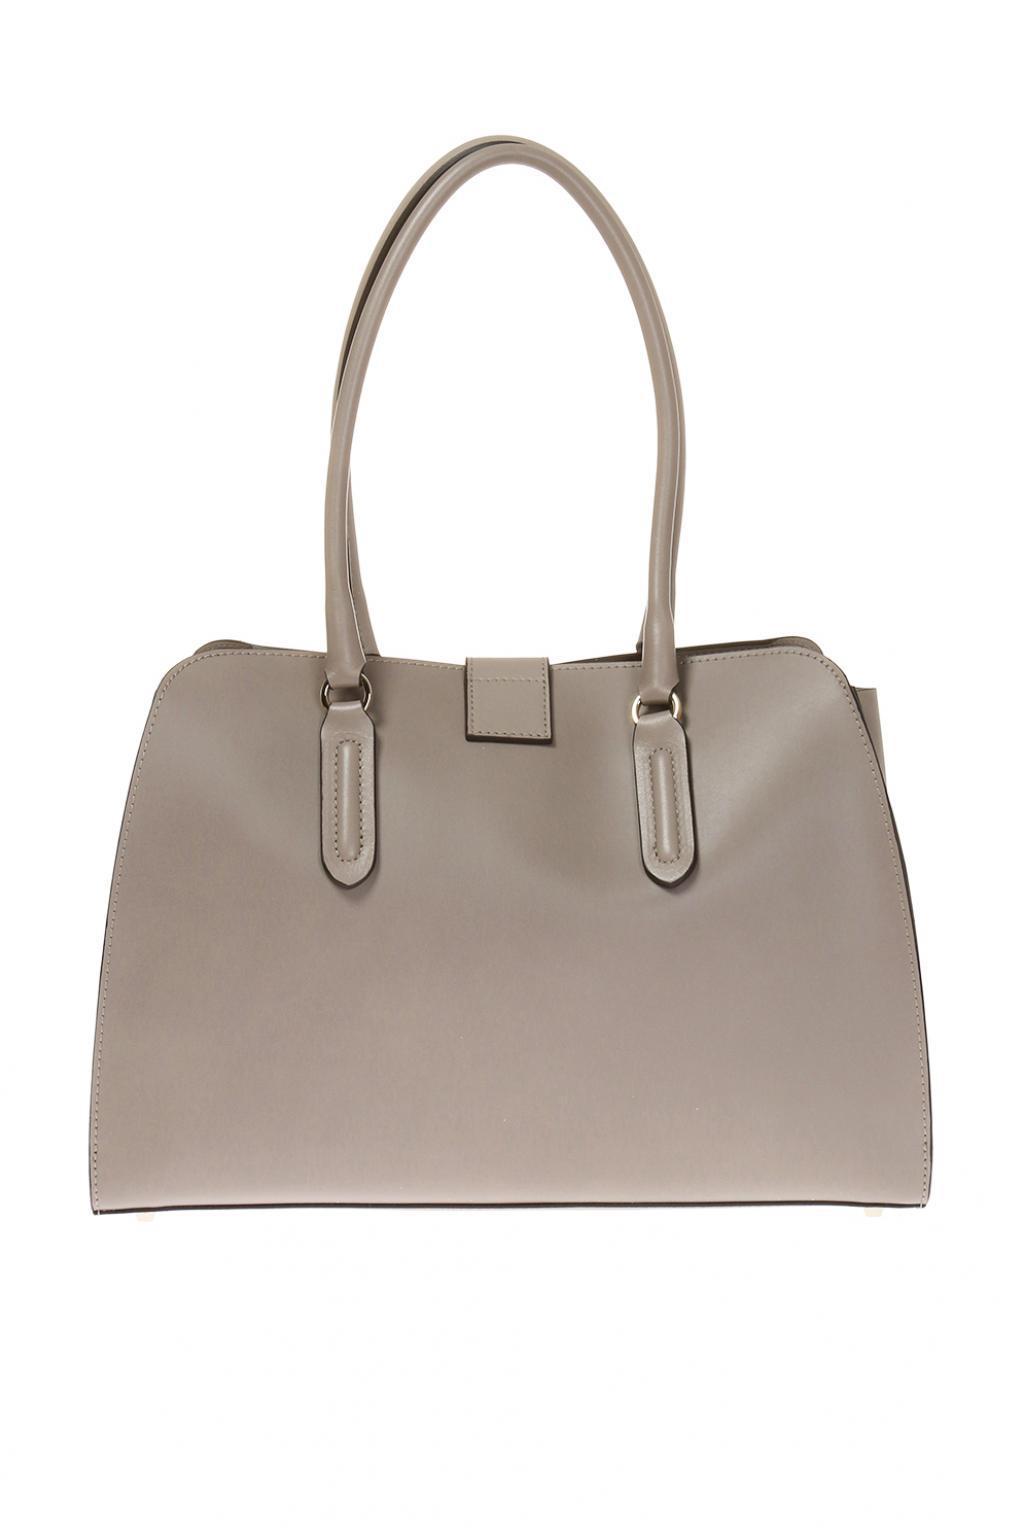 Furla Pink Milano shoulder bag vPmP7j